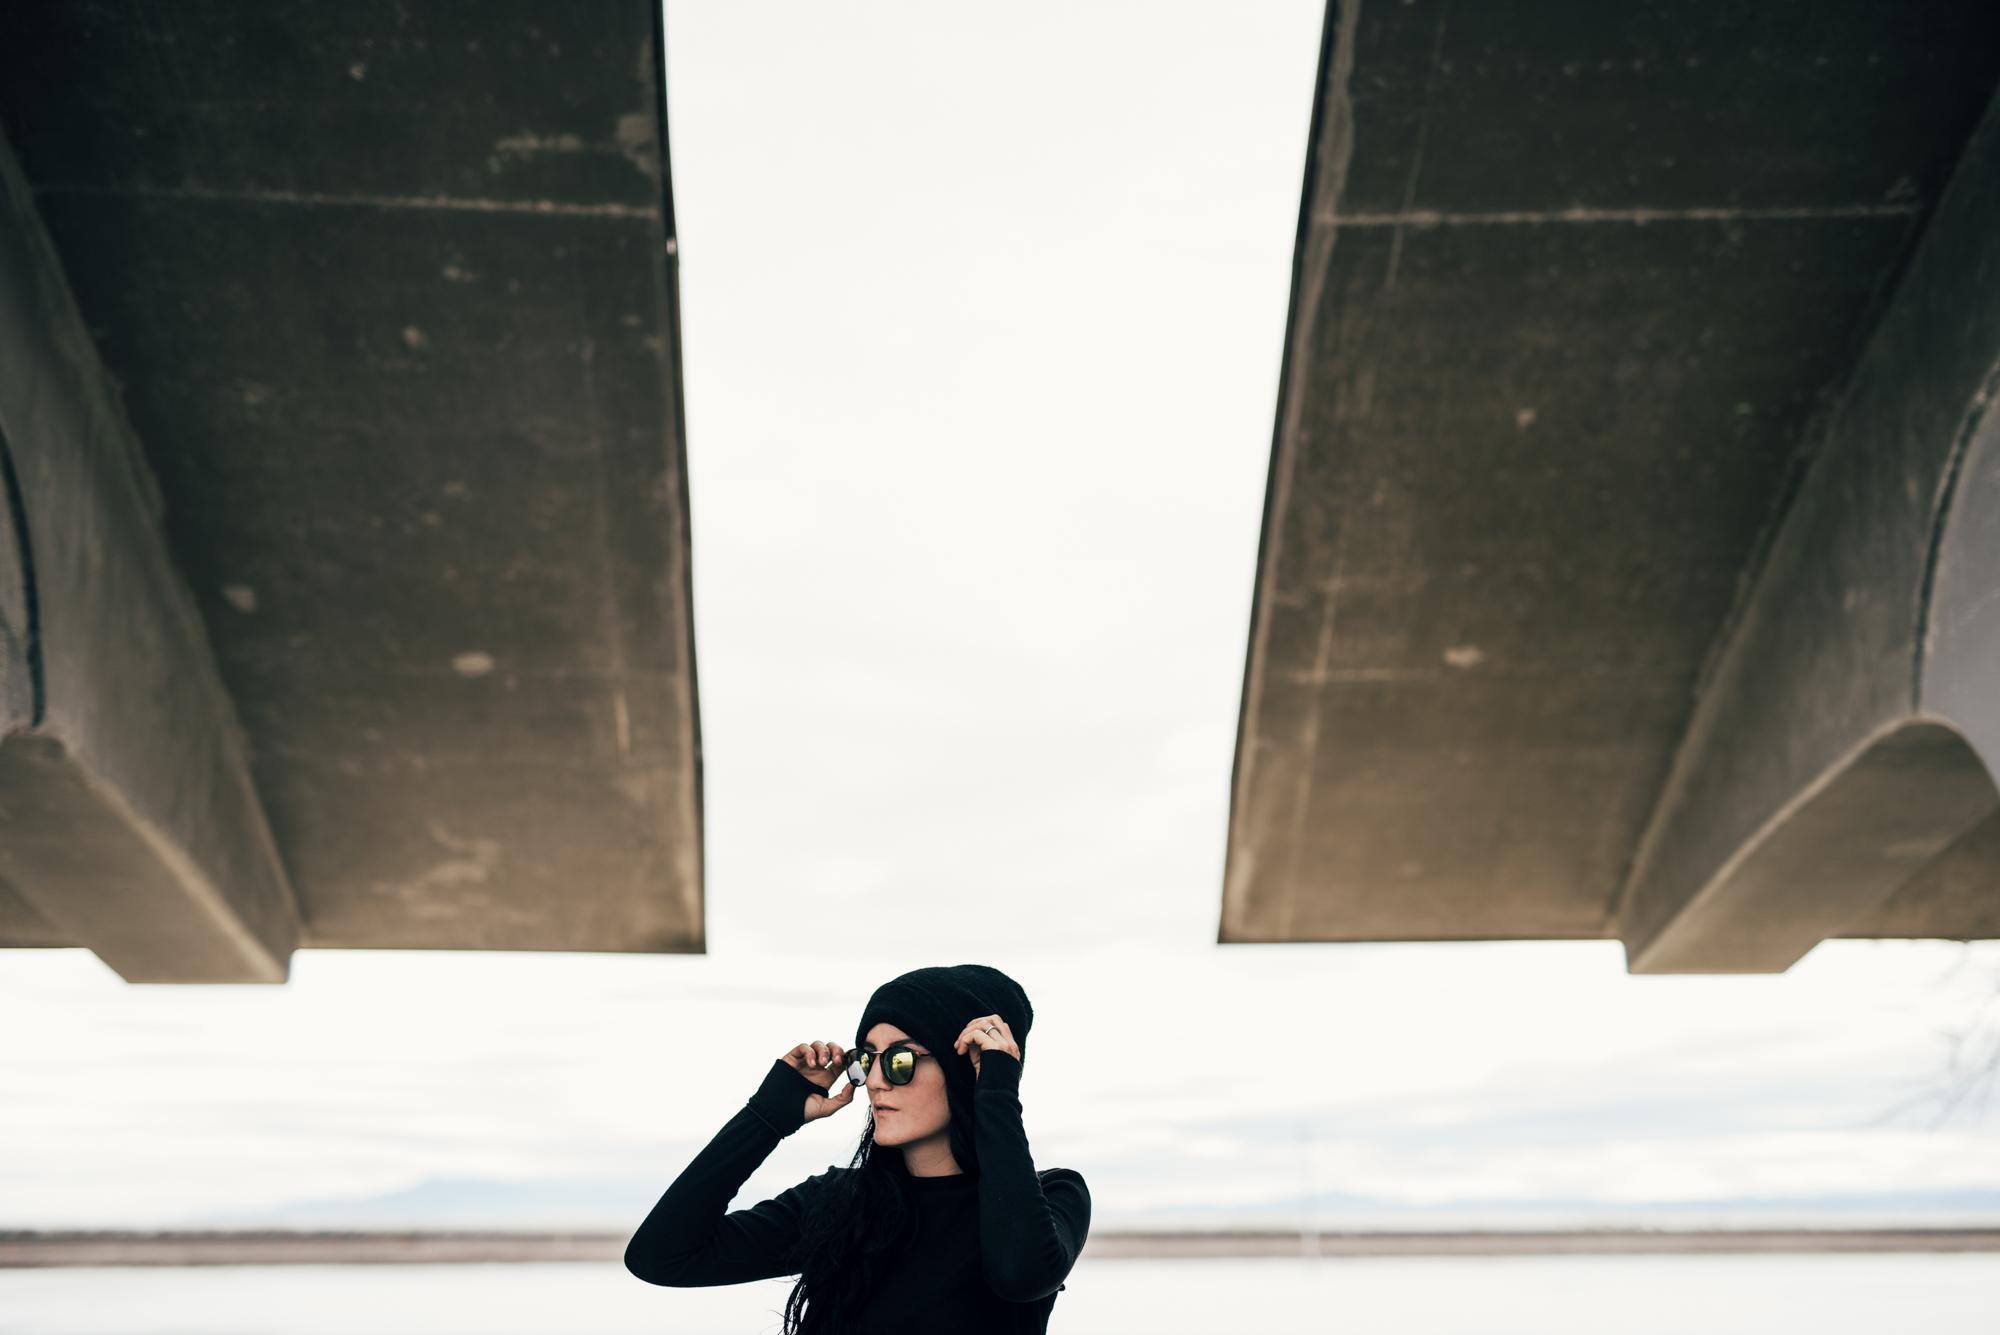 ©The Ryans Photography - Skate Break, Utah-011.jpg